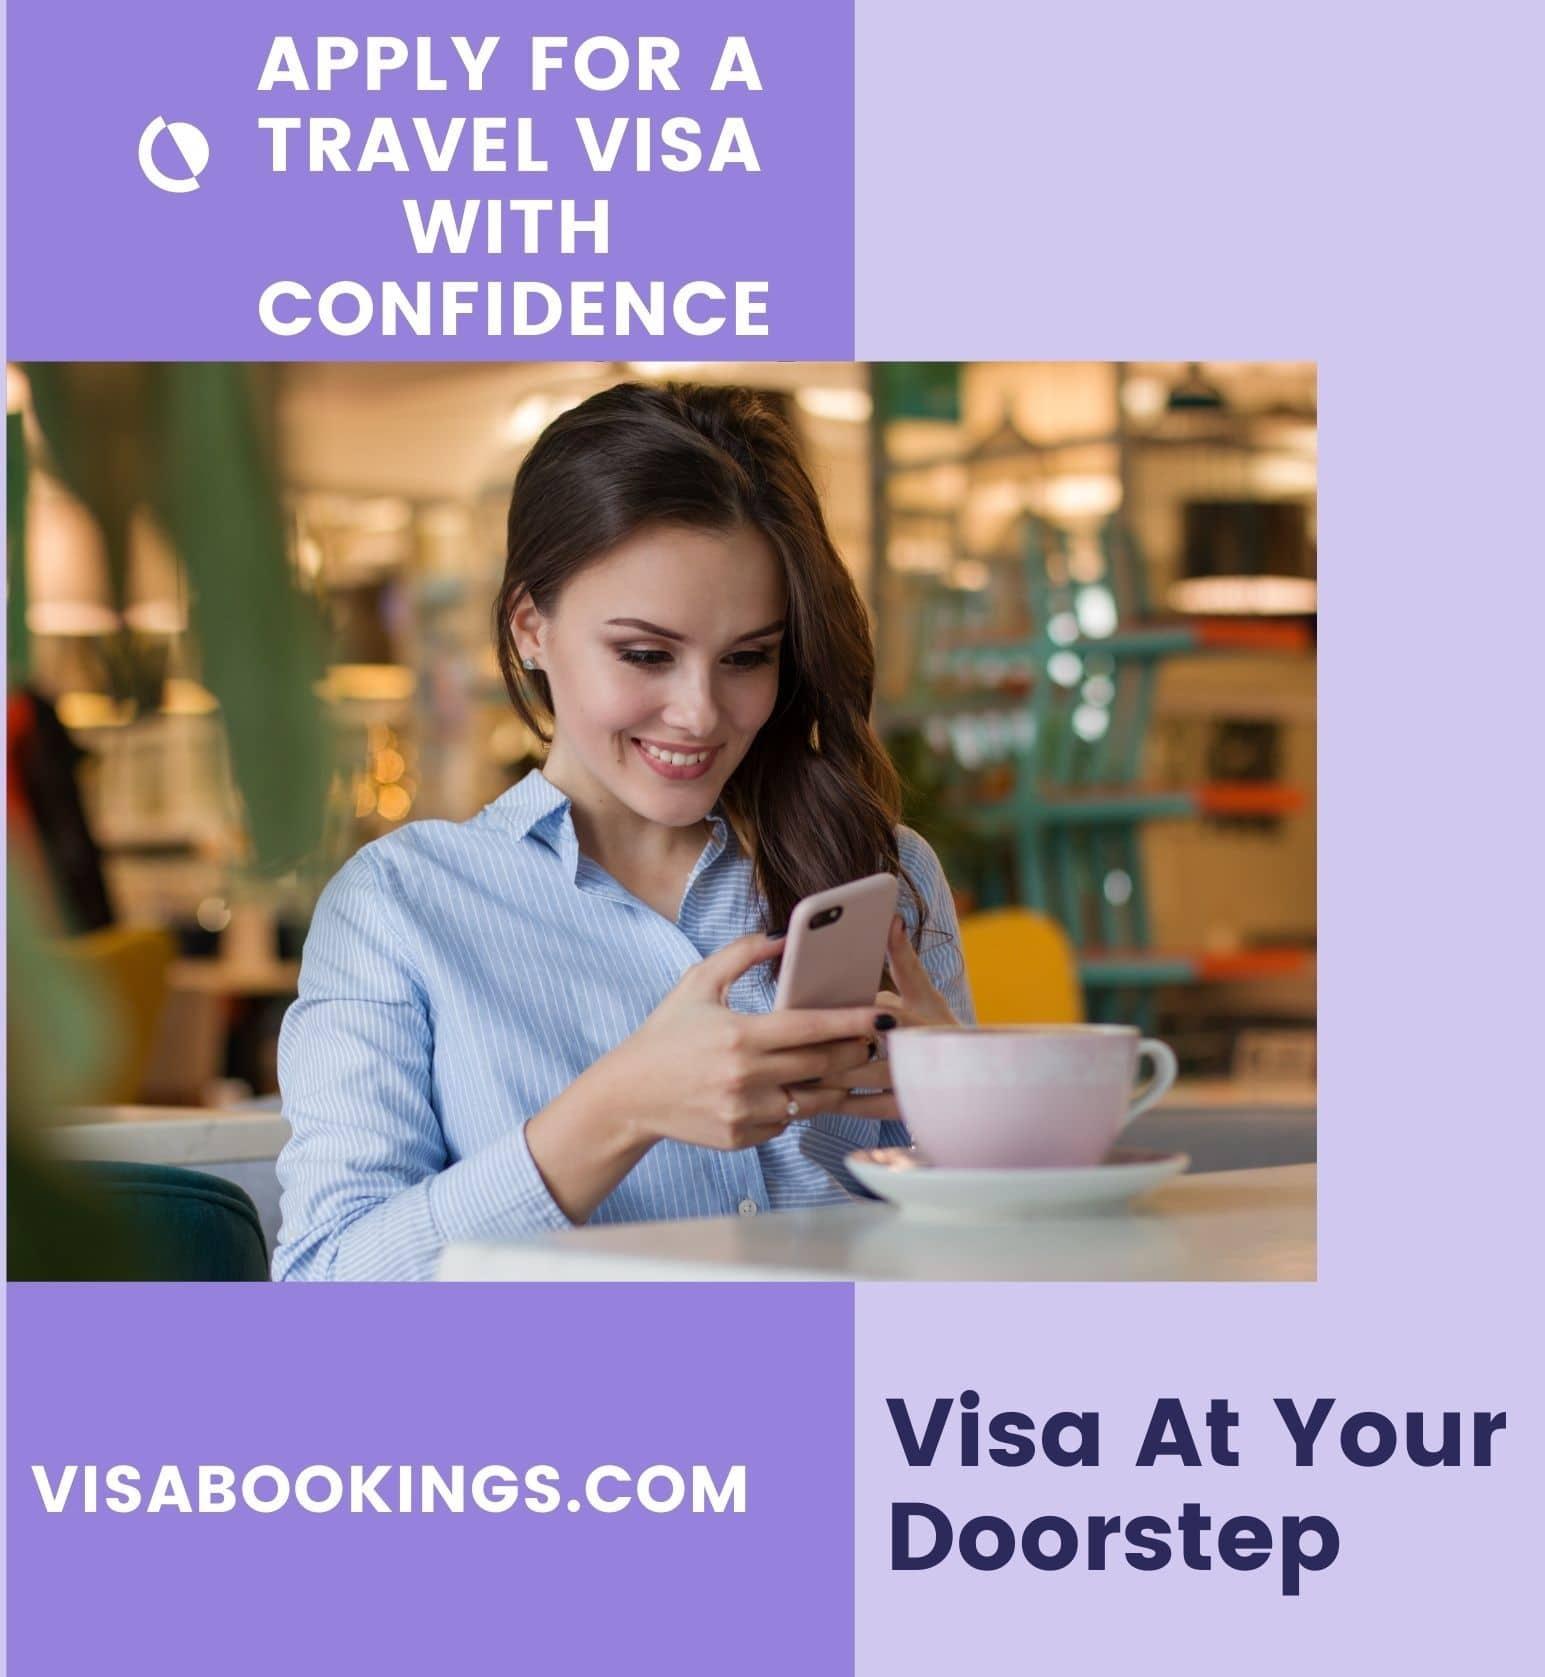 Schengen-Visa-At-Your-Doorstep-Apply-Now